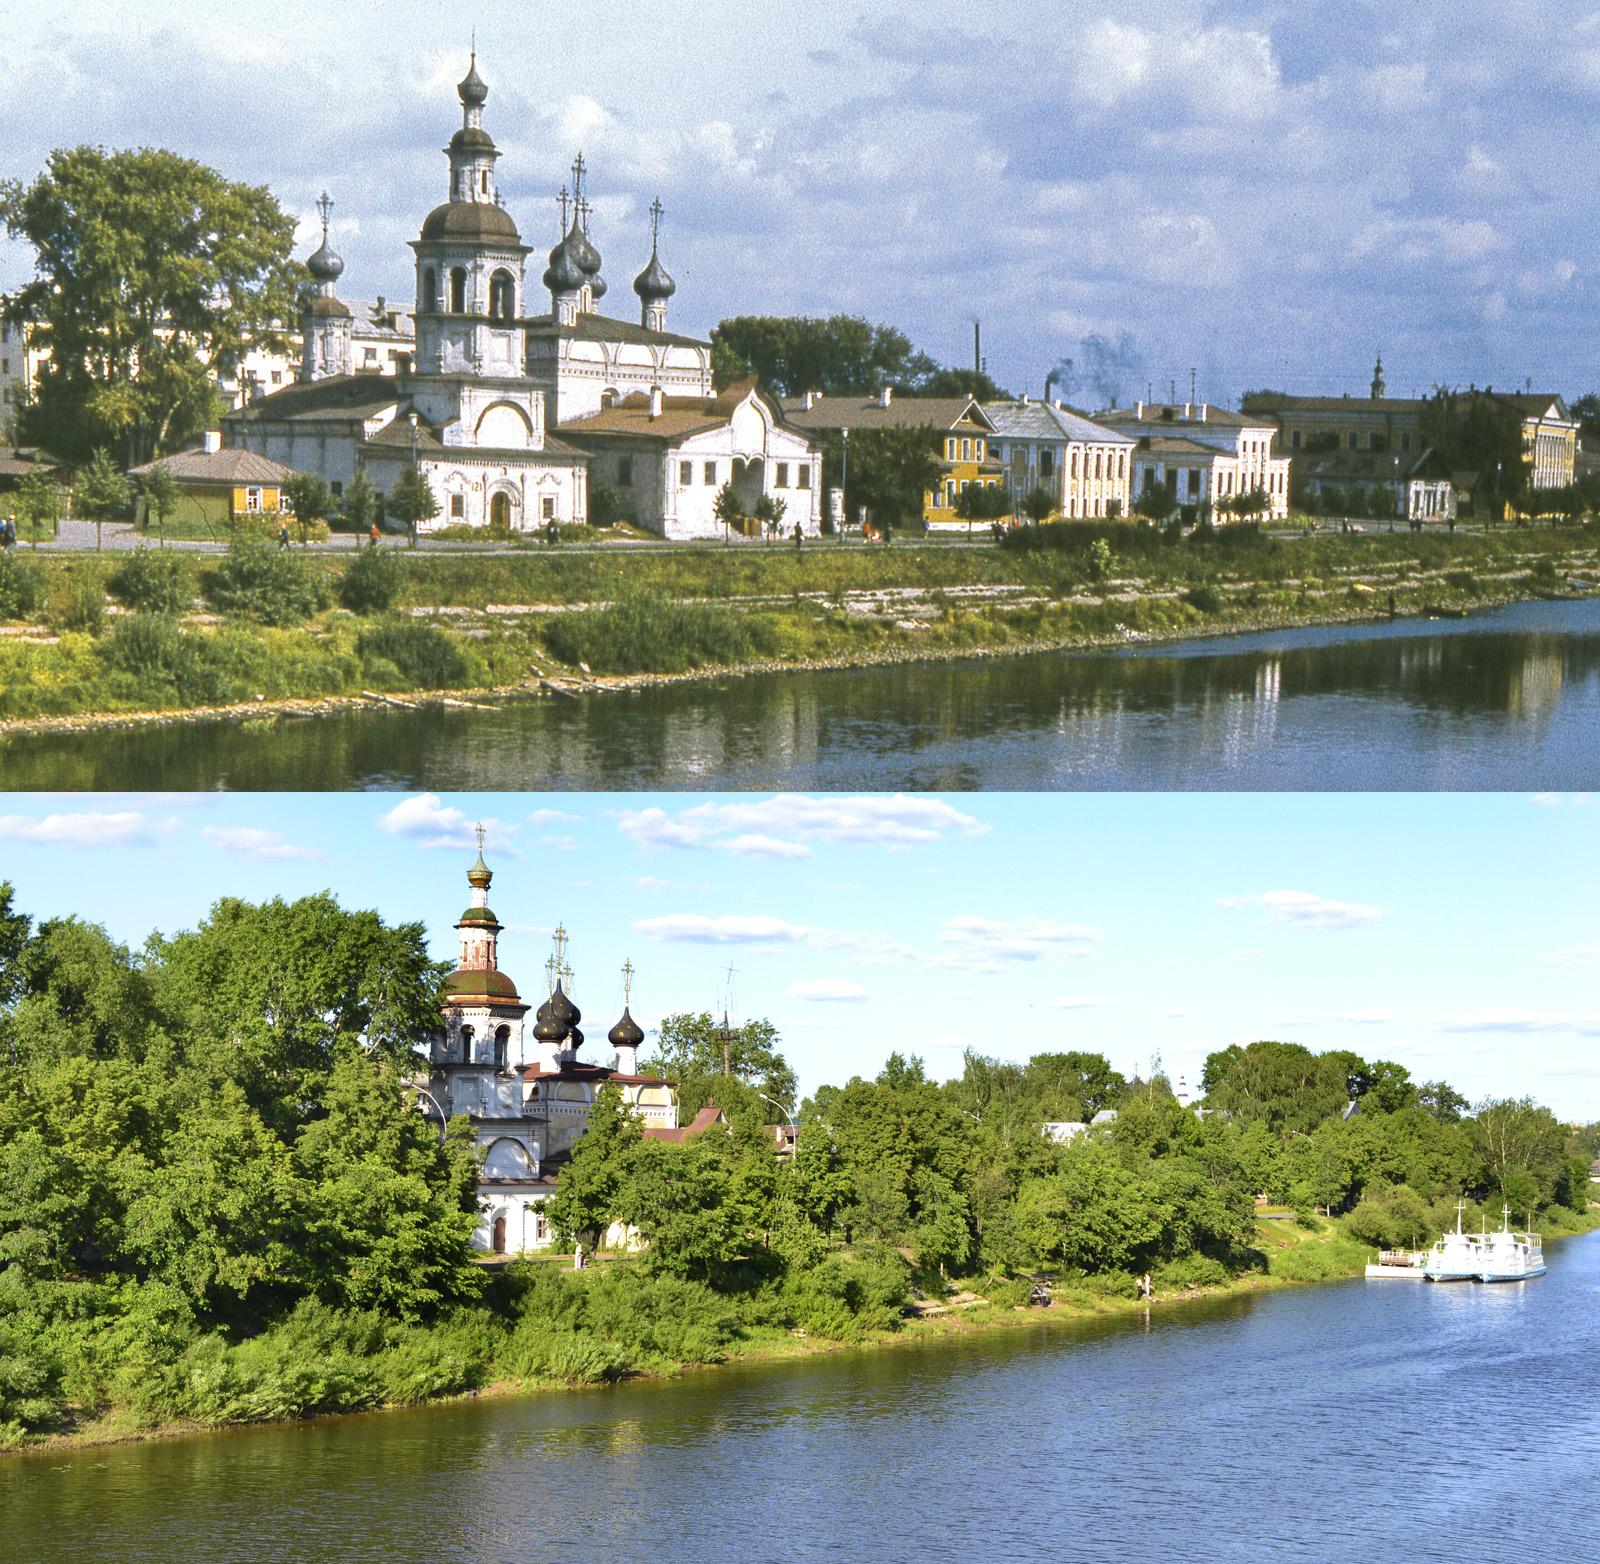 Церковь Дмитрия Прилуцкого на Наволоке 1970е-2011 гг.